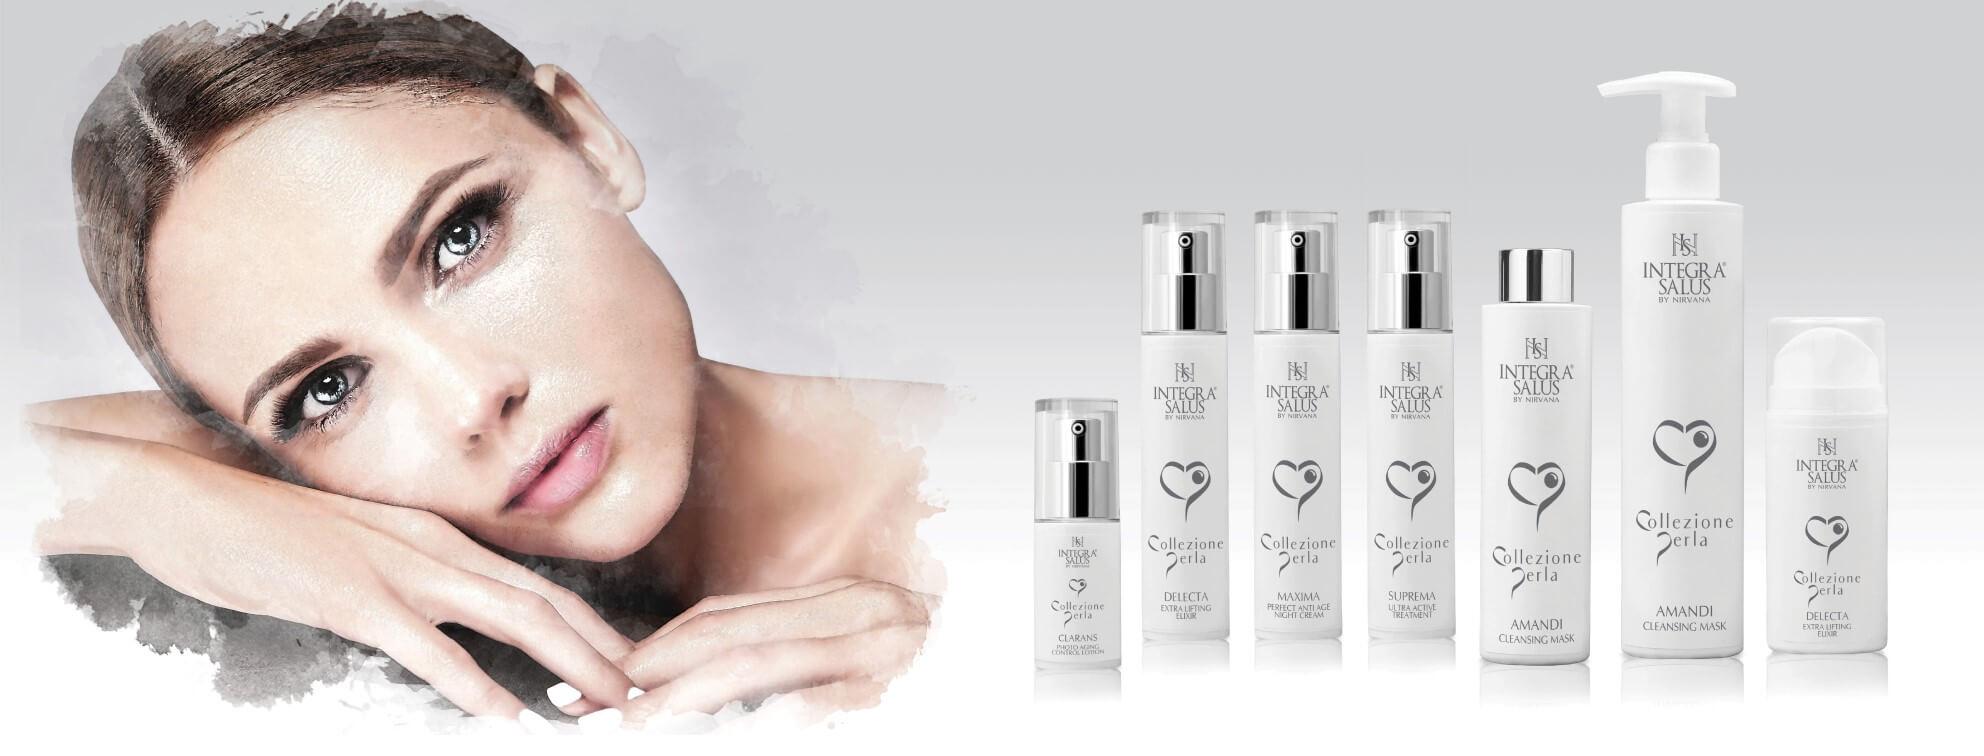 collezione viso perla